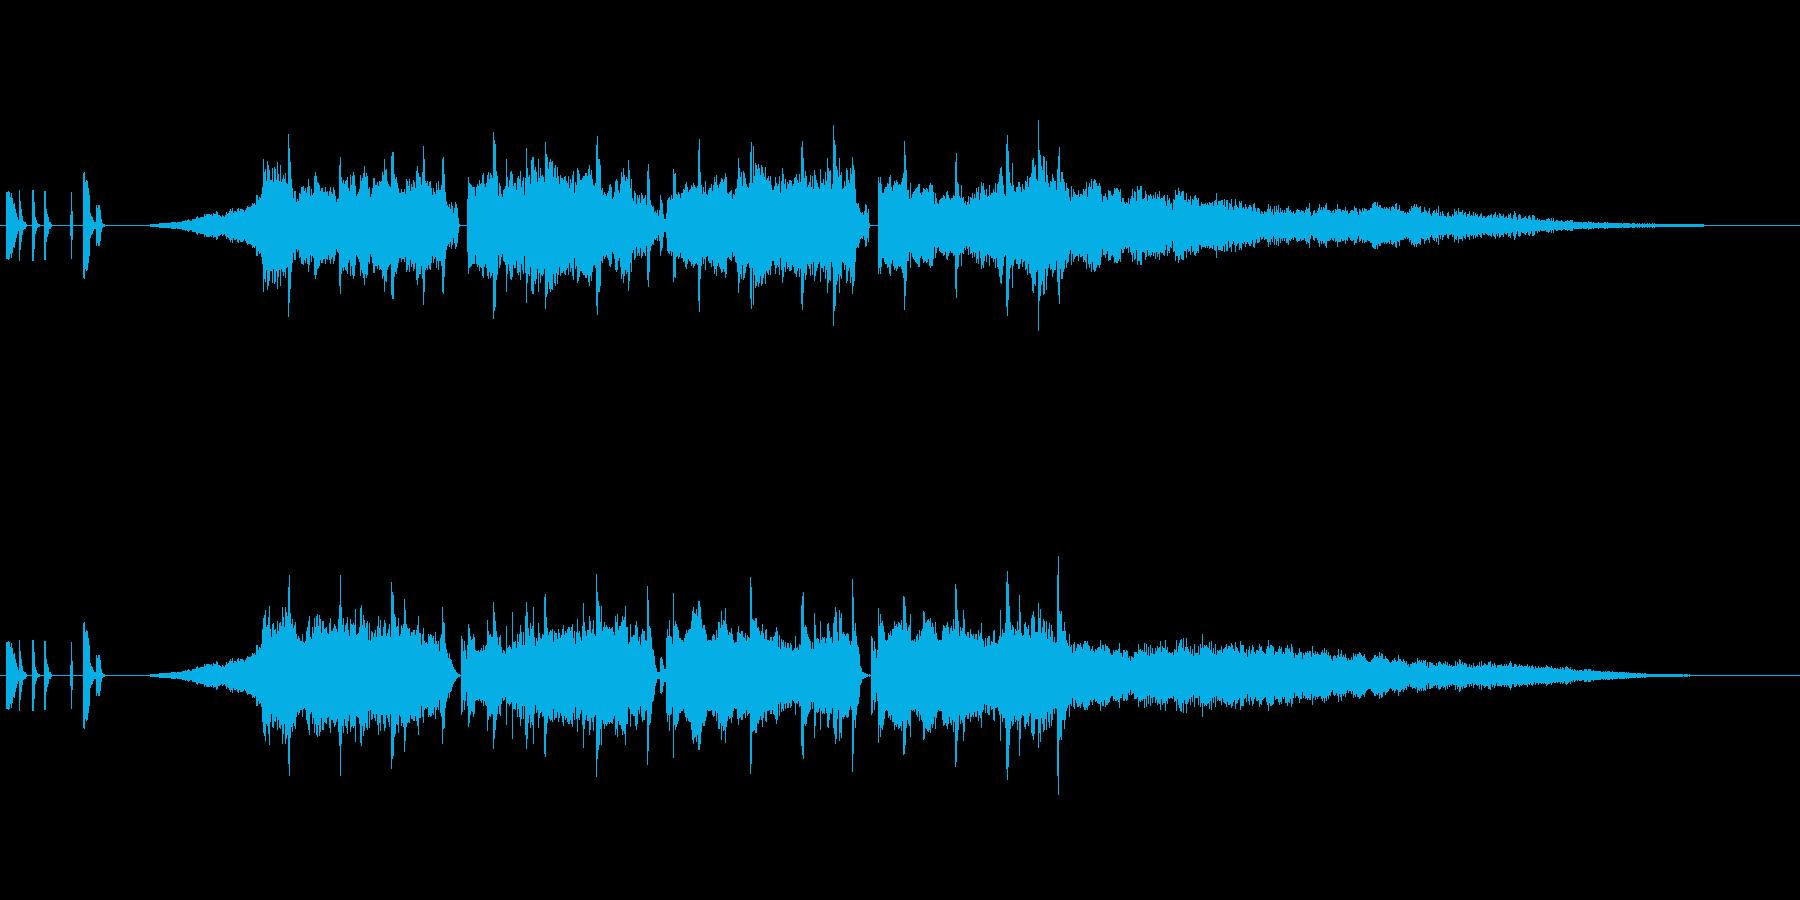 電子音系、ビート強め、ジングル、ラジオの再生済みの波形